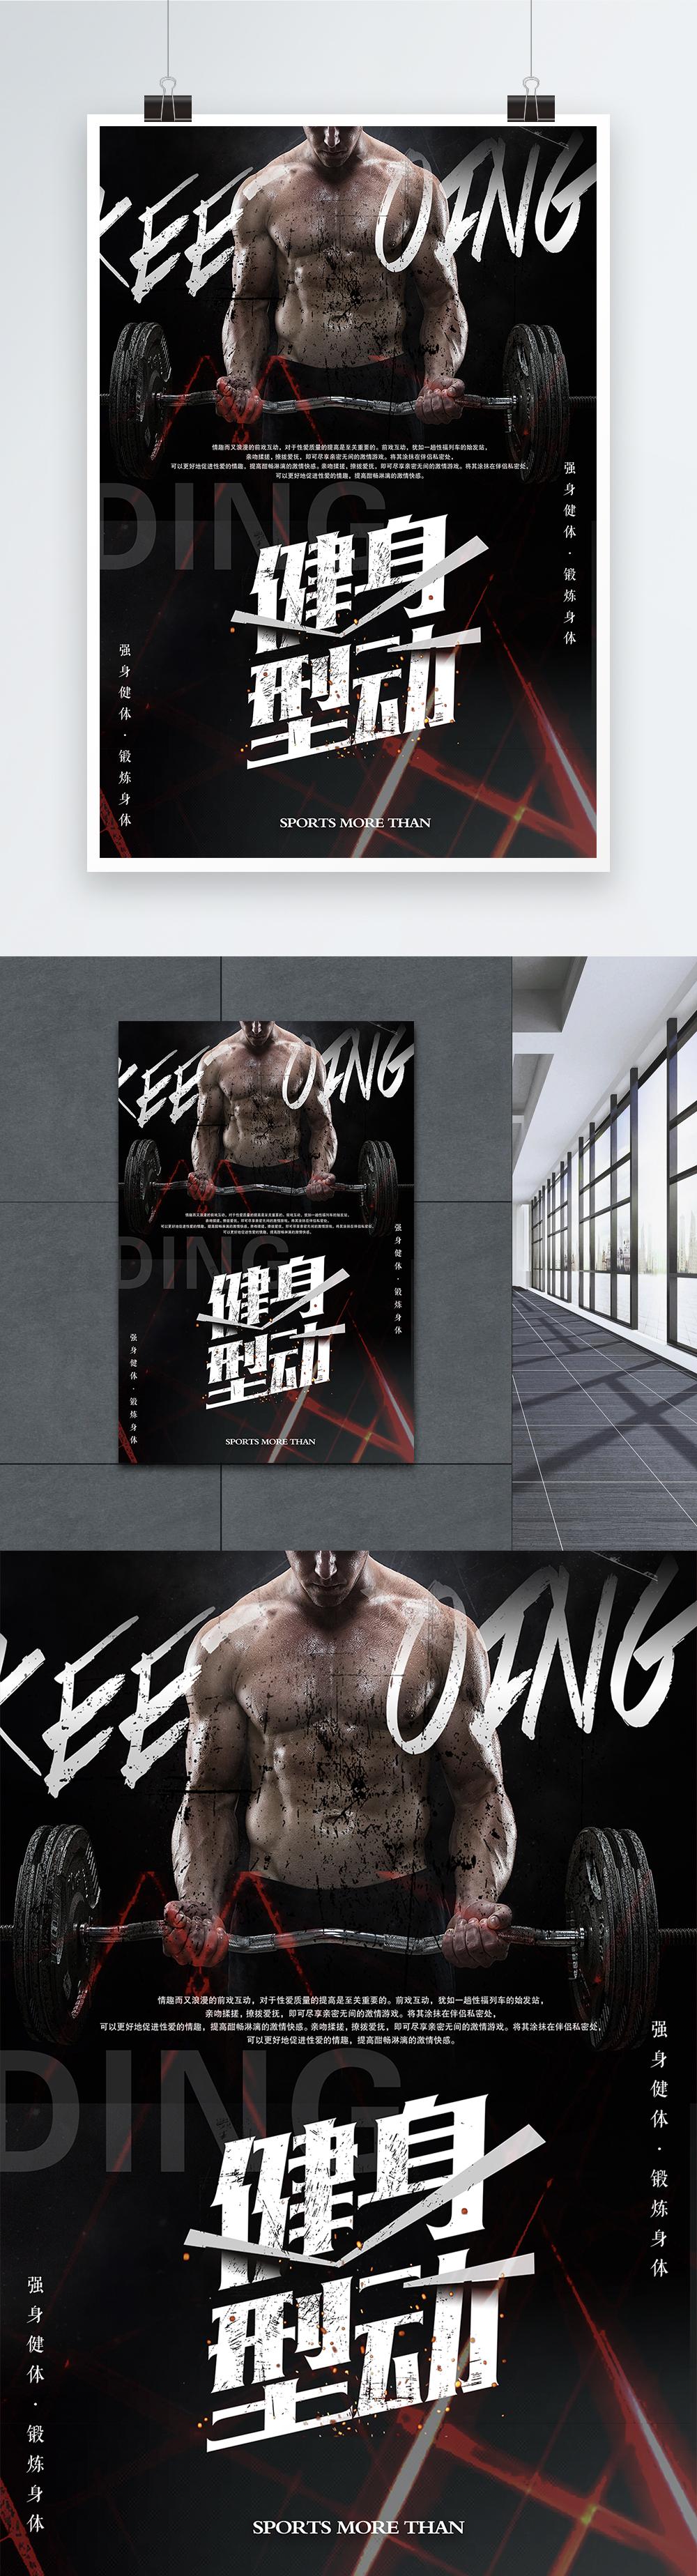 抖音风奔跑吧运动健身海报图片素材编号400901776_prf